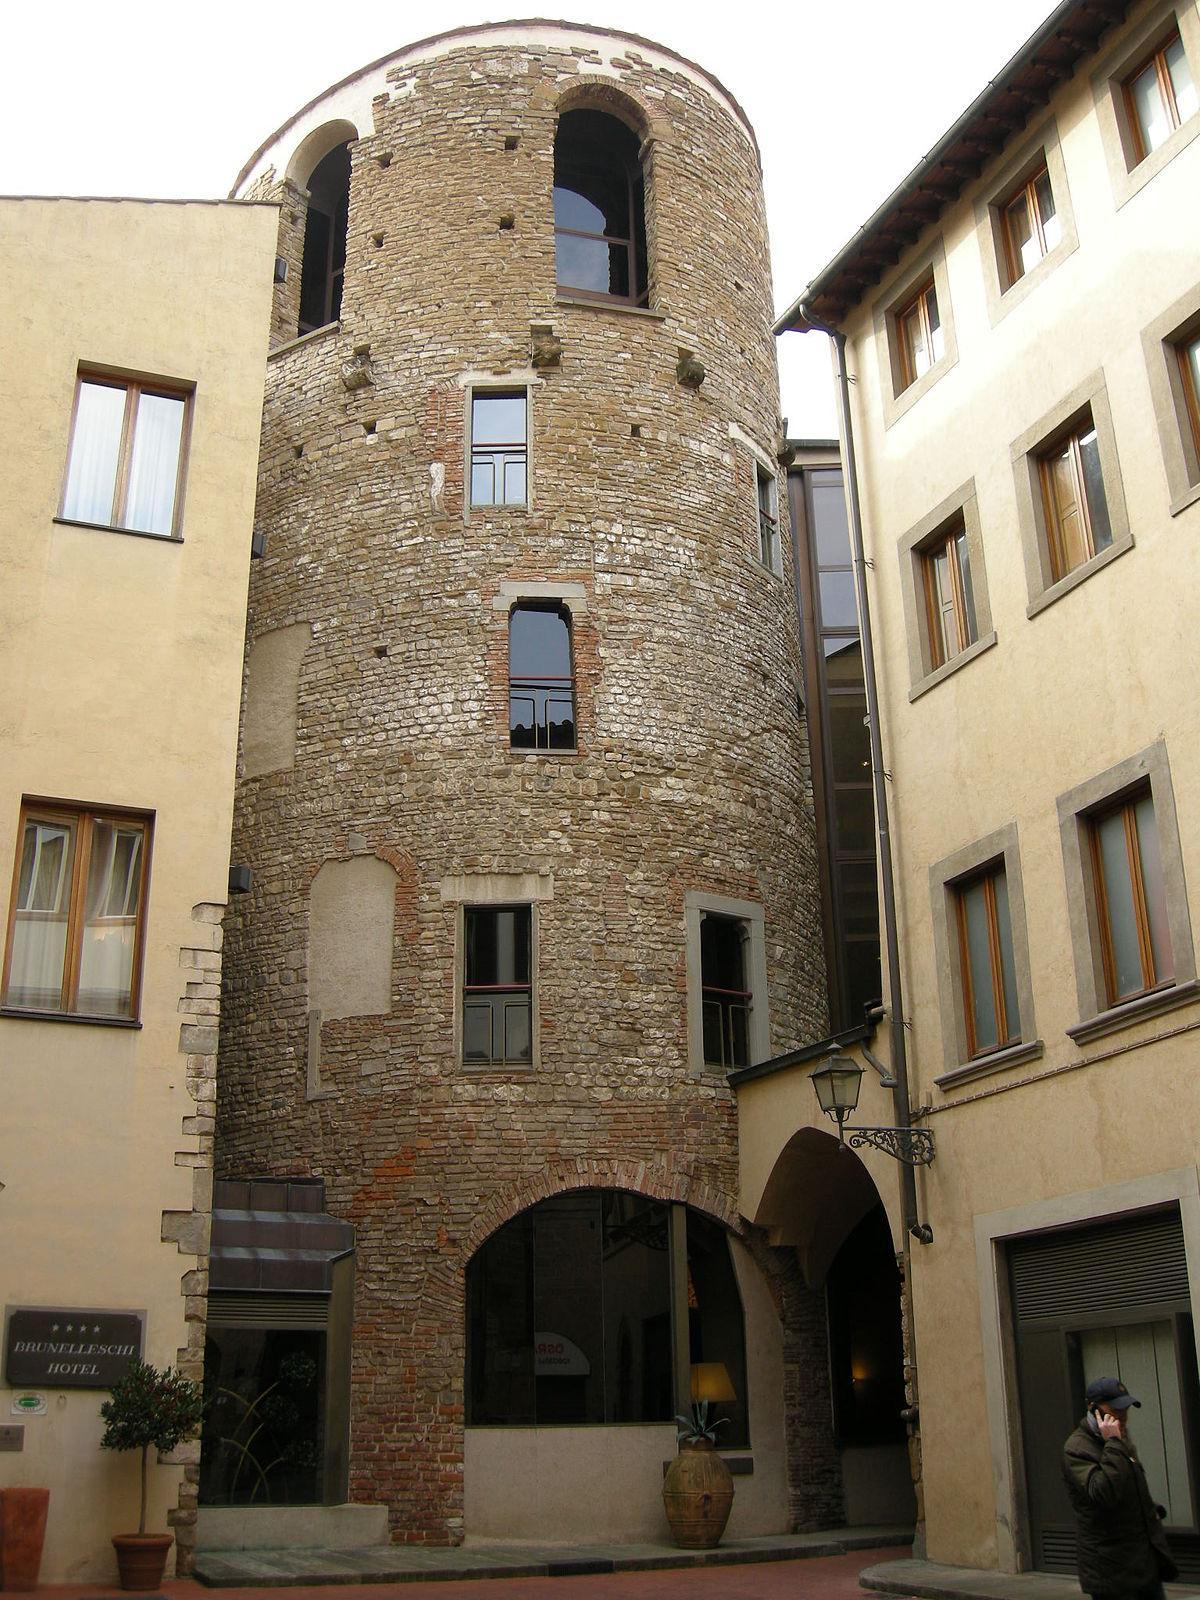 Torre della pagliazza wikipedia for Casa della piastrella firenze